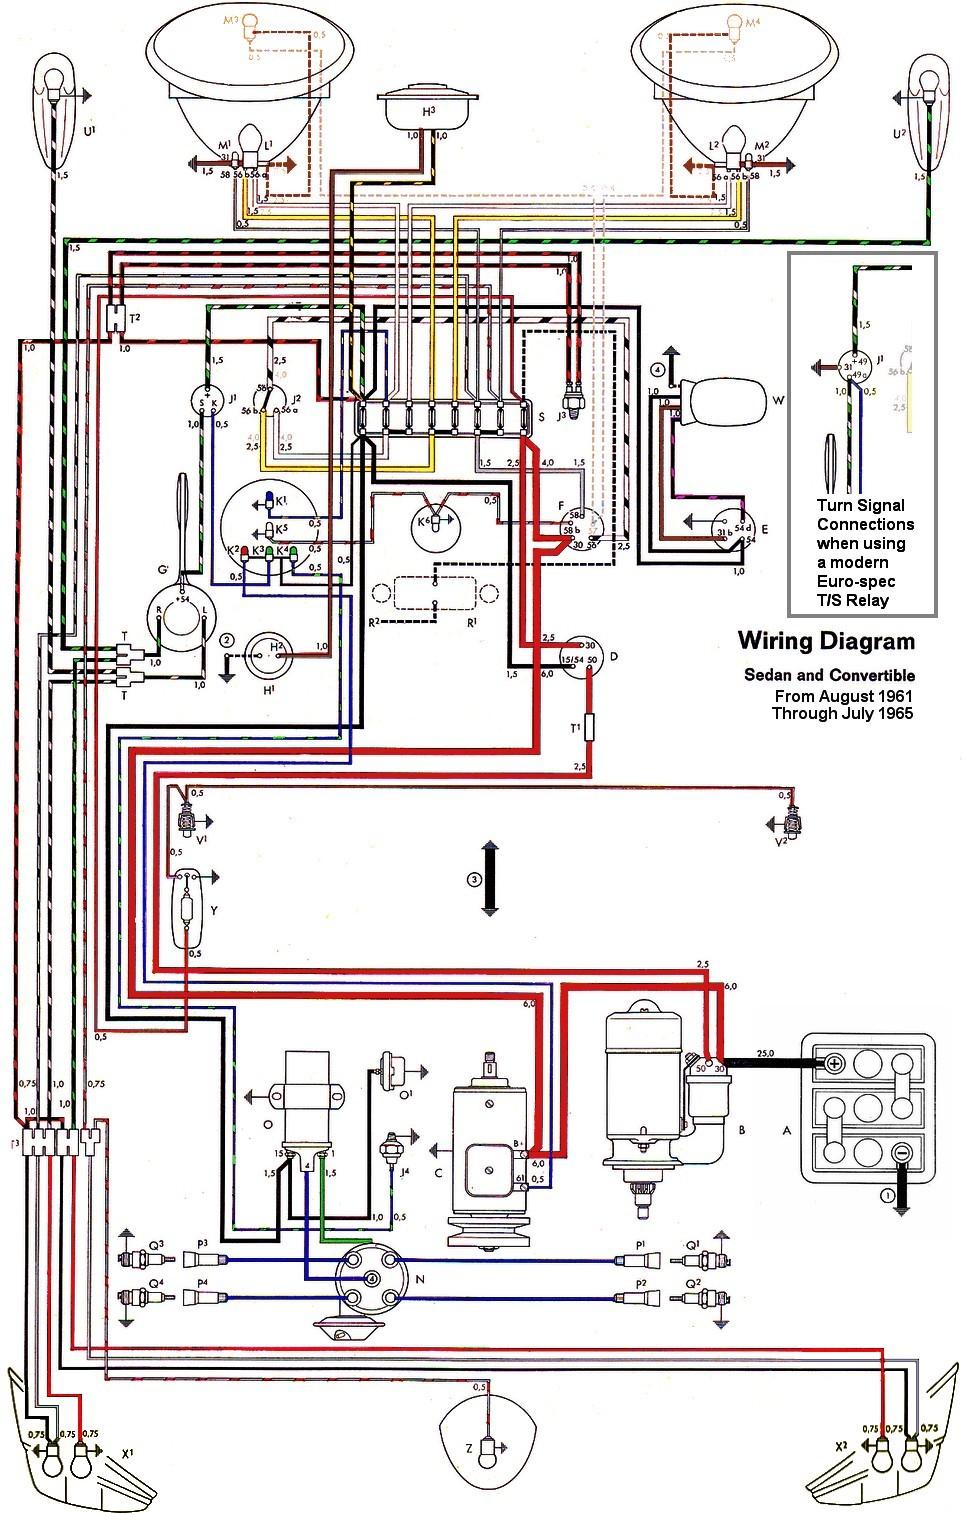 2001 vw beetle alternator wiring diagram wiring diagram Vw Alternator Wiring Diagram vw alternator wiring diagram volks wagen electrical diagrams vw alternator wiring diagram